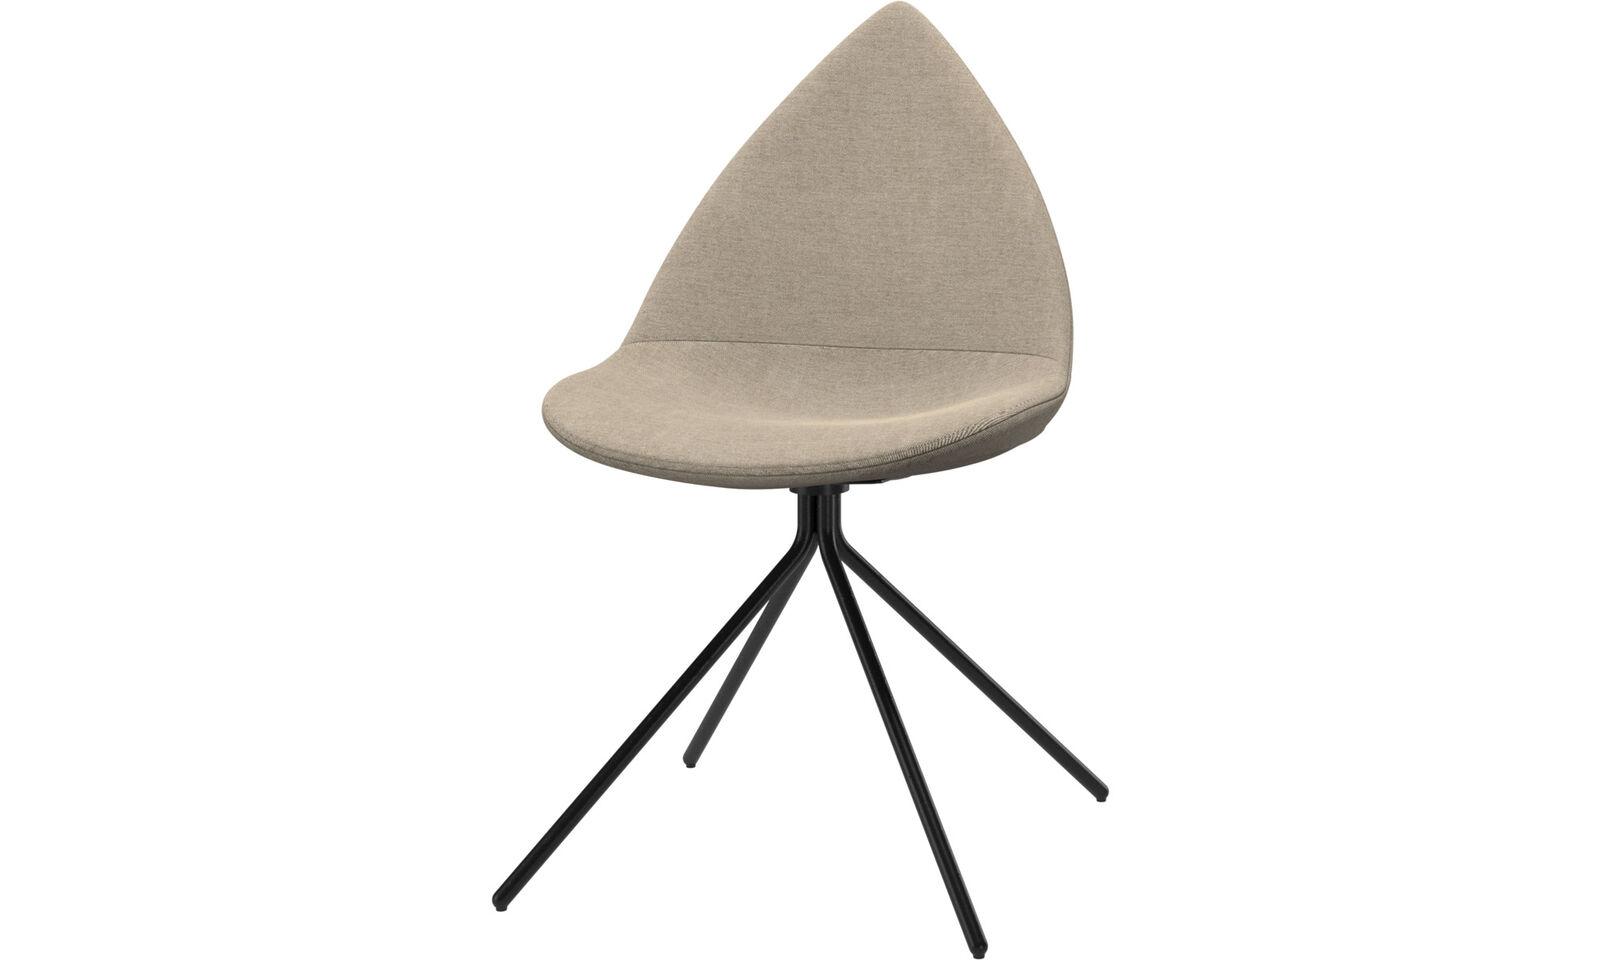 Ottawa chair Bari 2102-BRAND NEW